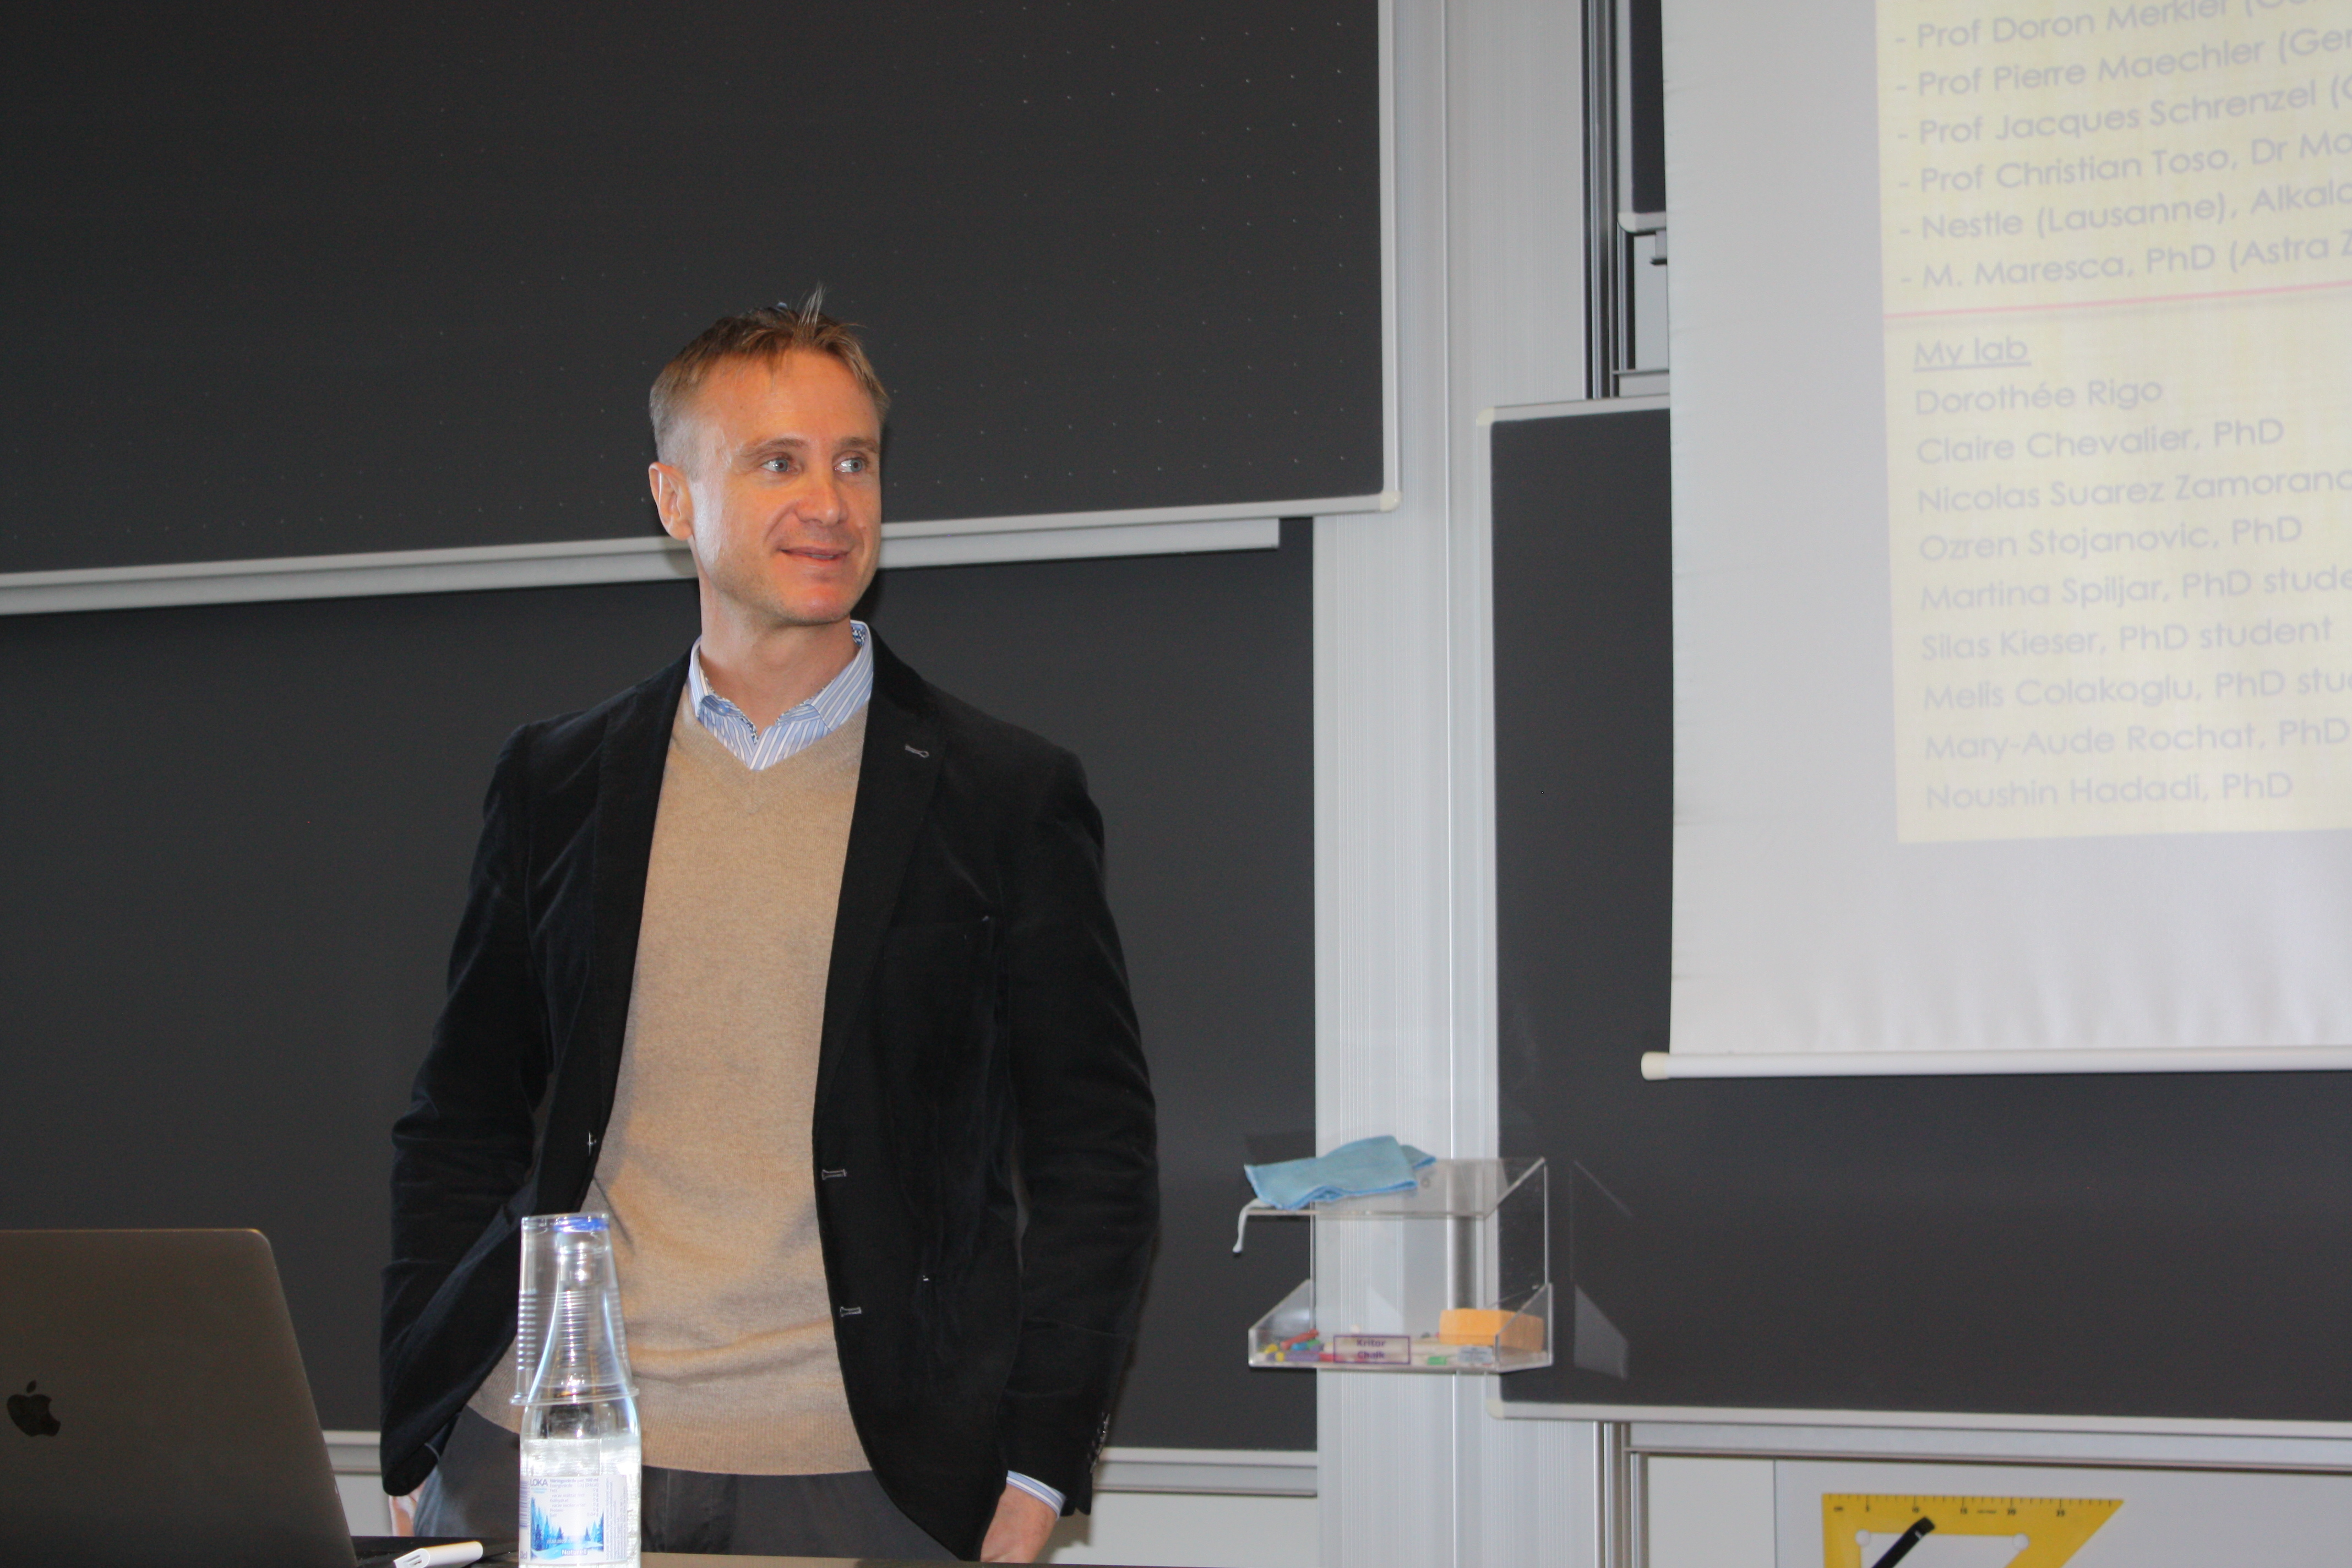 Mirko Trajkovski är professor inom medicin på avdelningen för Cellfysiologi och Metabolism på Universitetet i Geneve i Schweiz